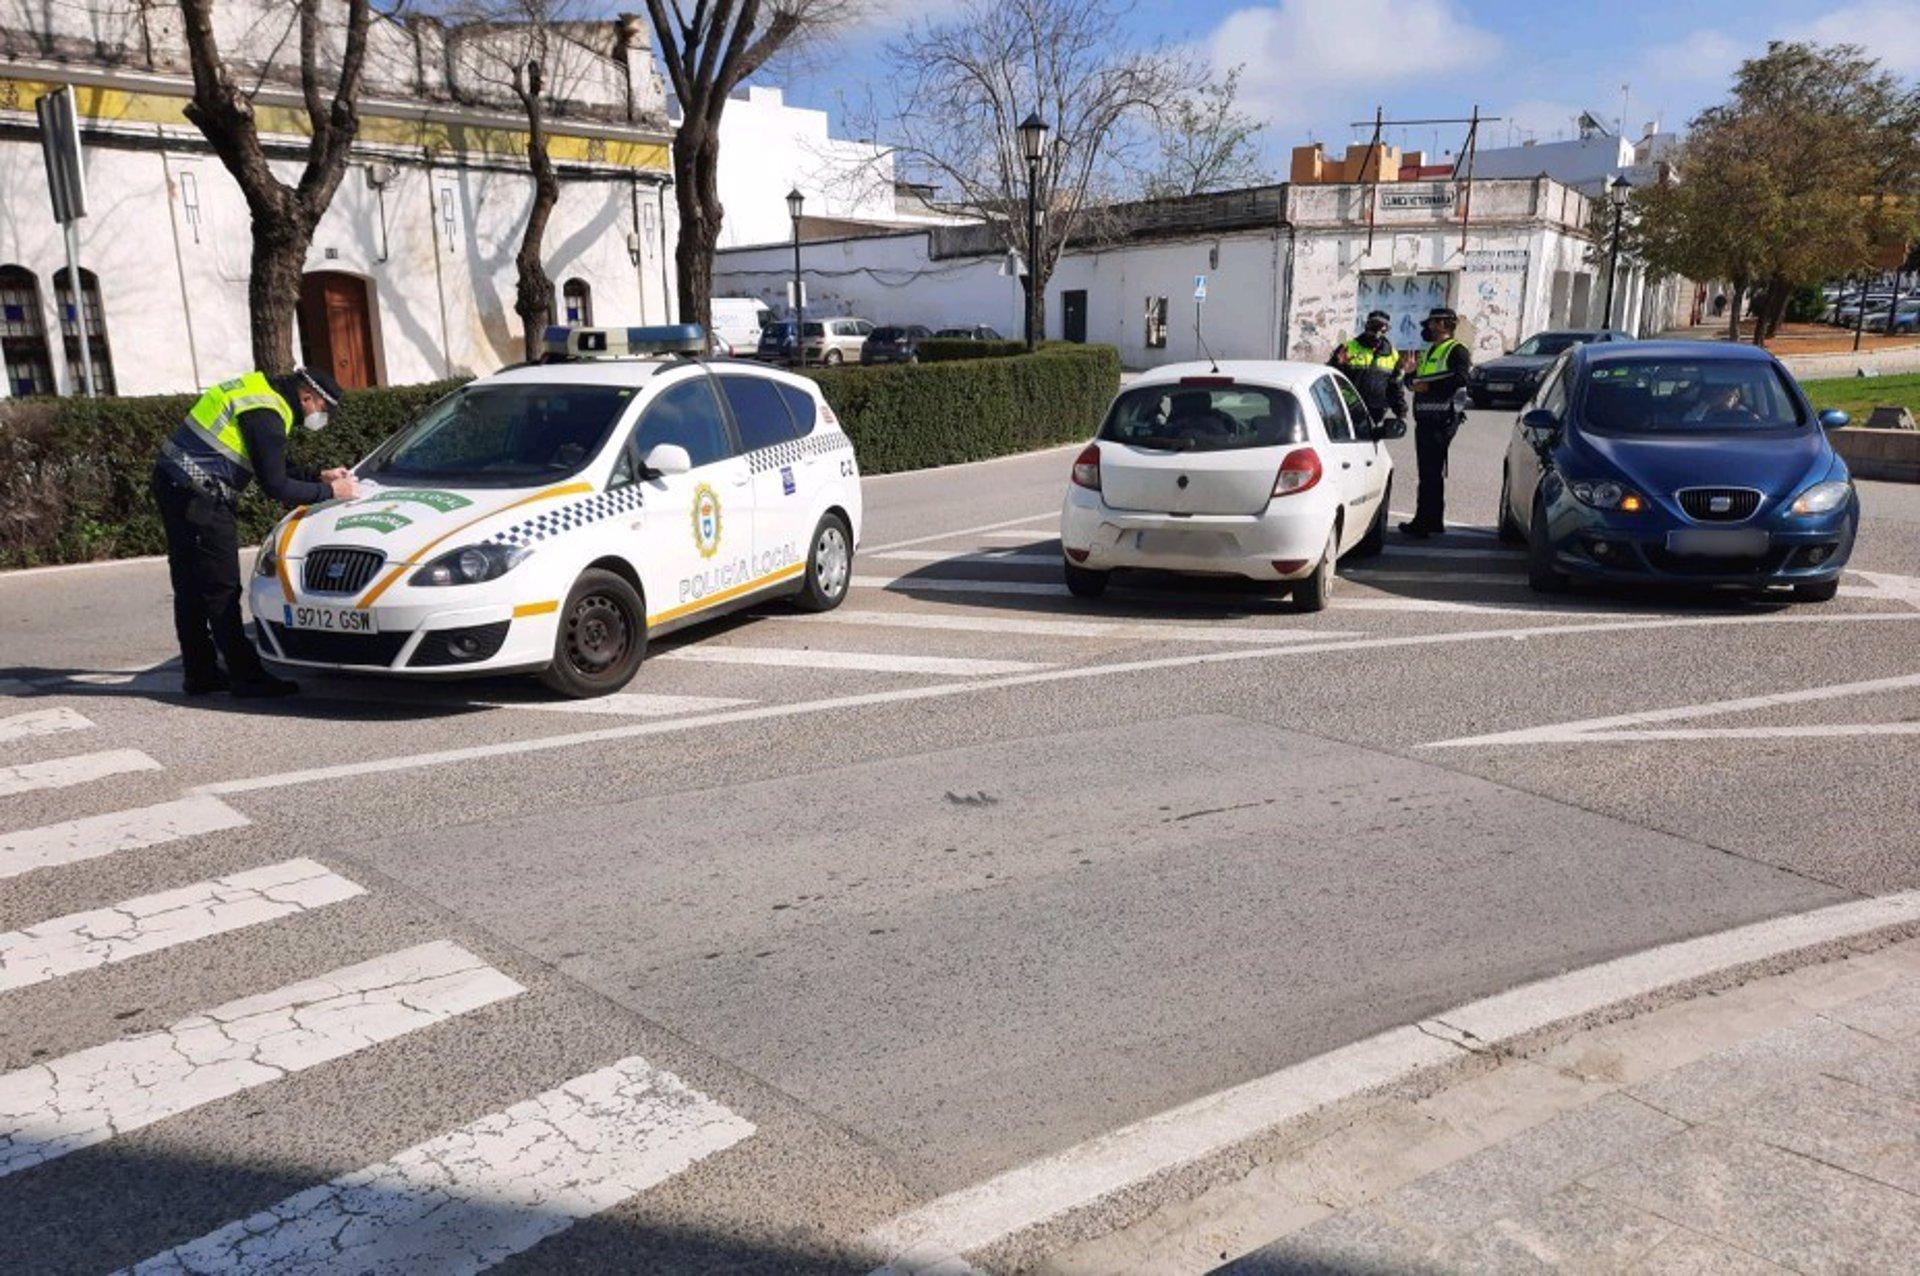 Todos los municipios andaluces con más de 5.000 habitantes tendrán cuerpo policial propio